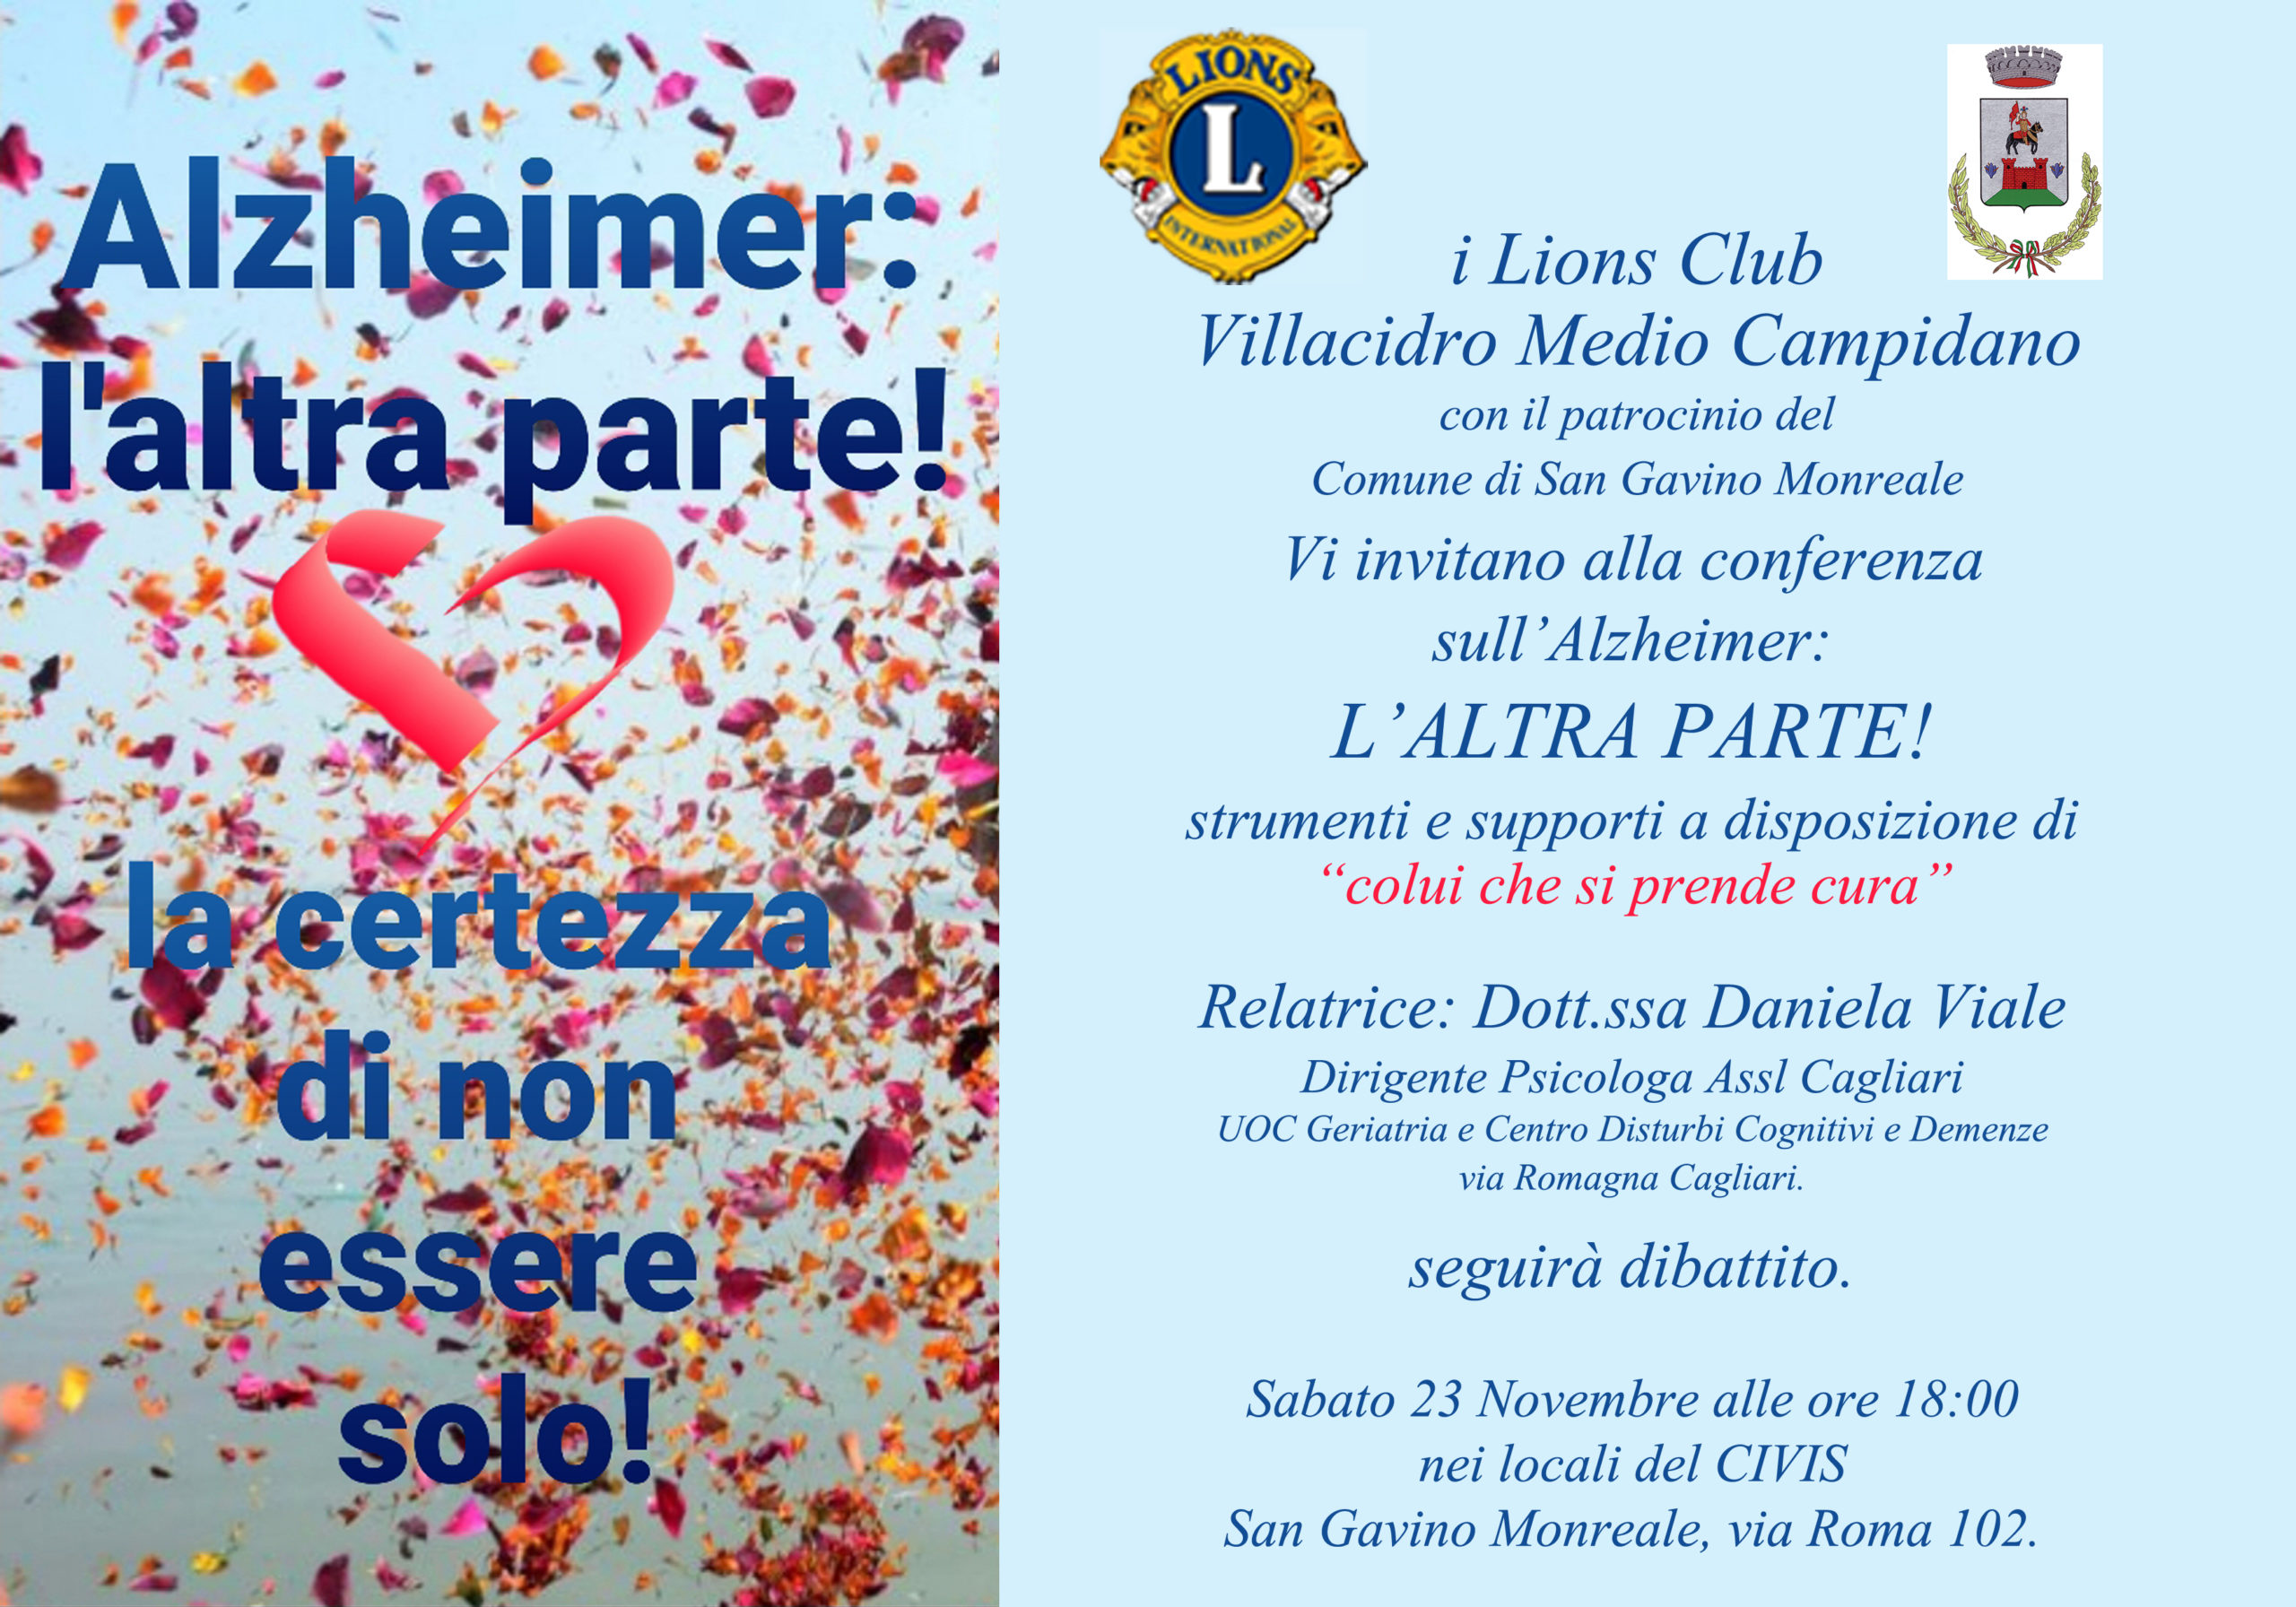 Alzheimer, il 23 novembre una conferenza del Lions Club